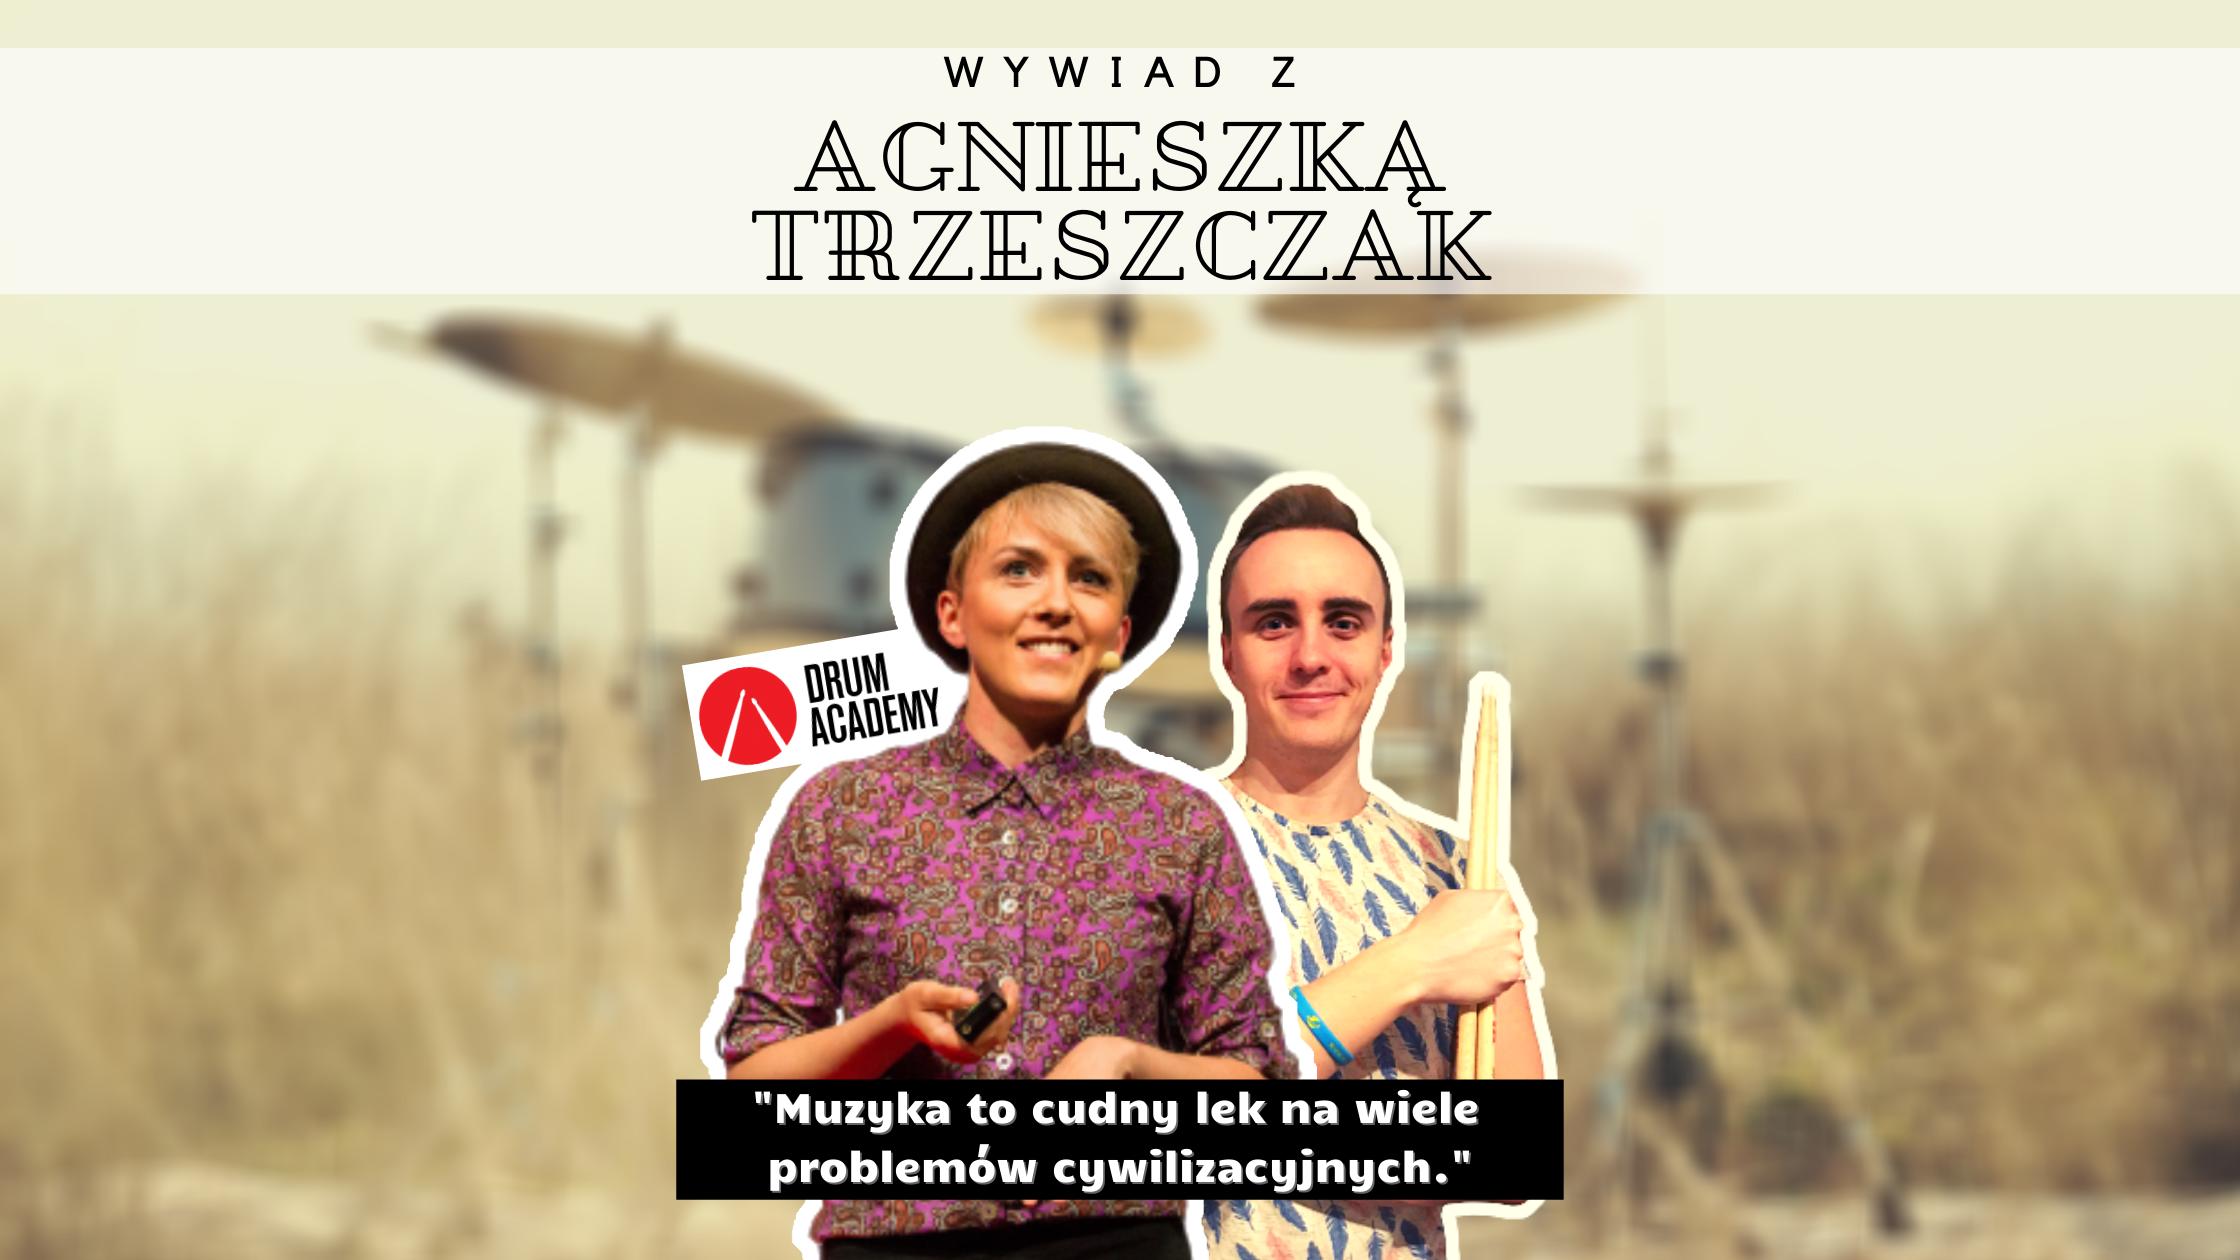 Wywiad Z Agnieszką Trzeszczak (Drum Academy)